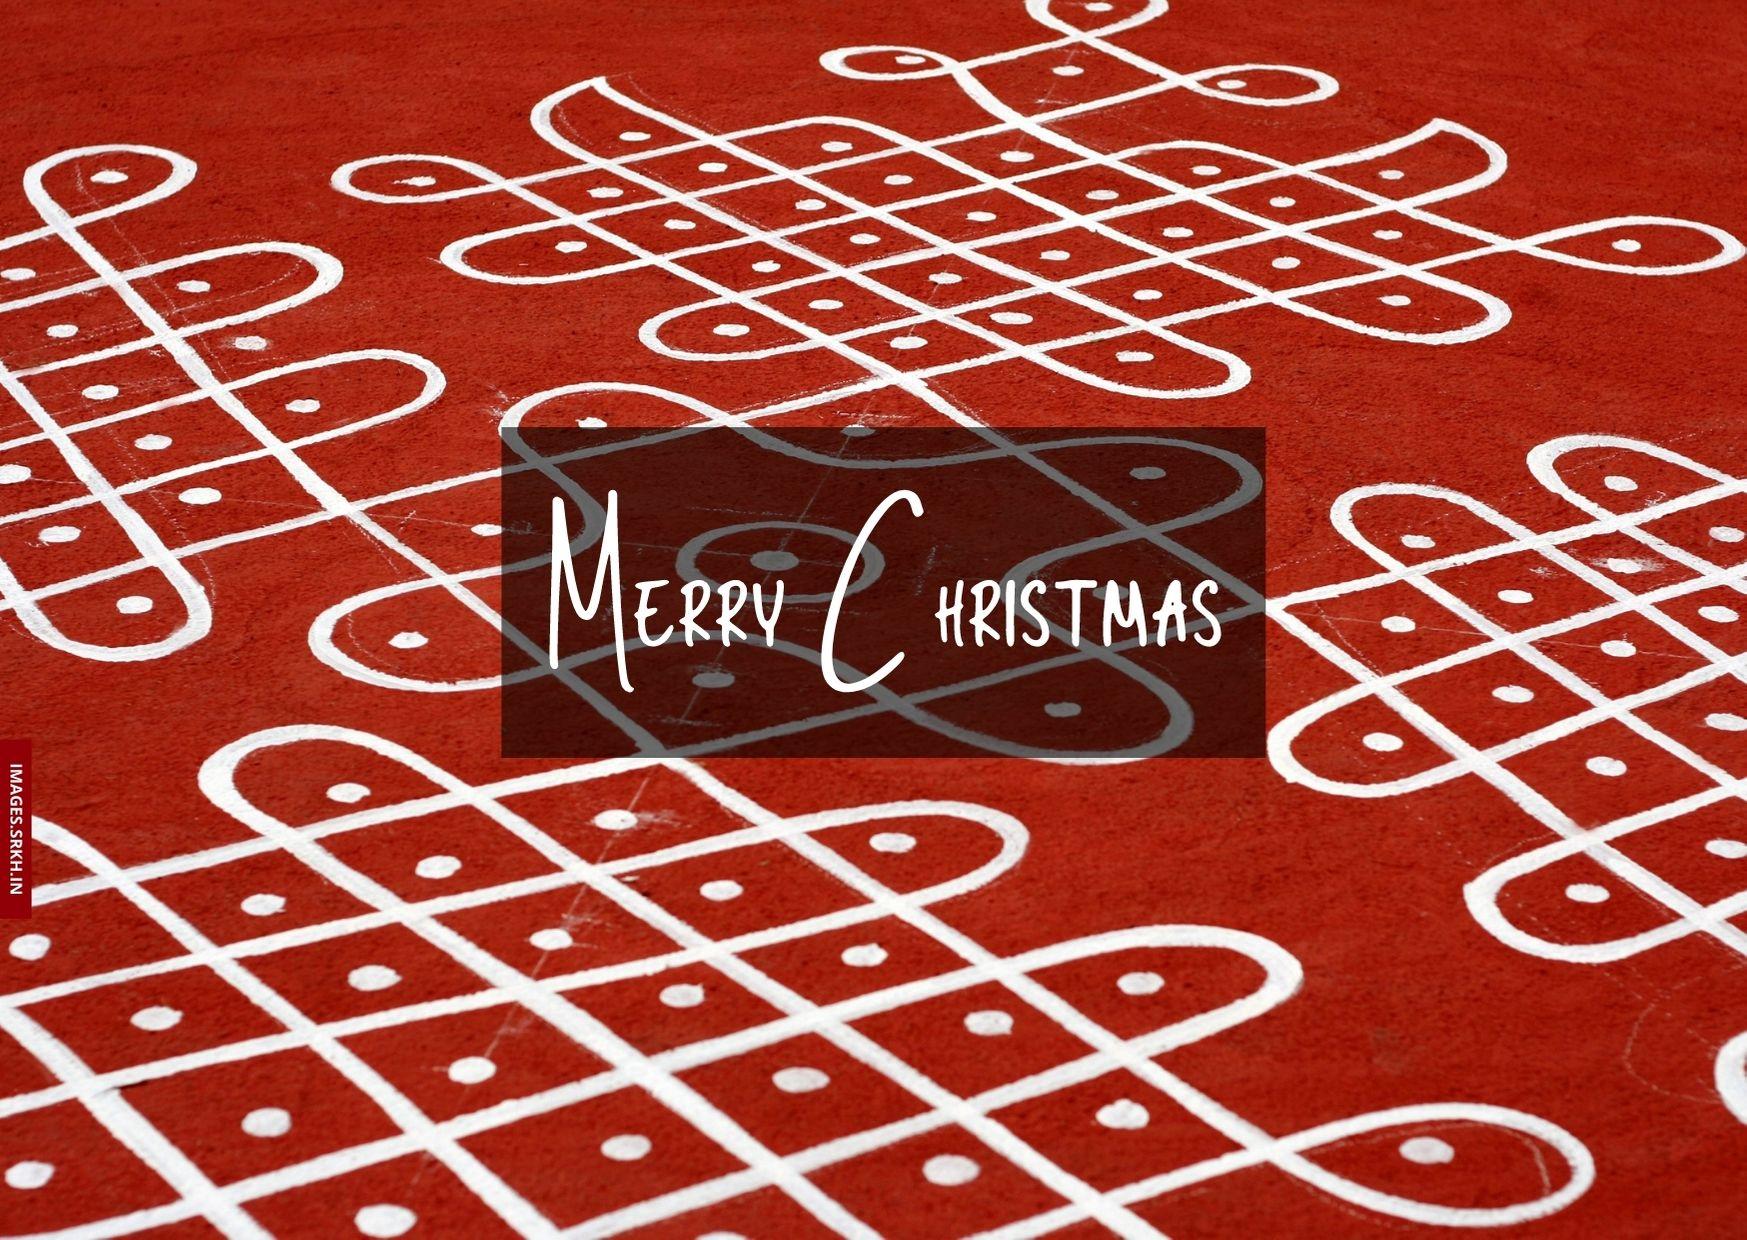 Christmas Kolam Images